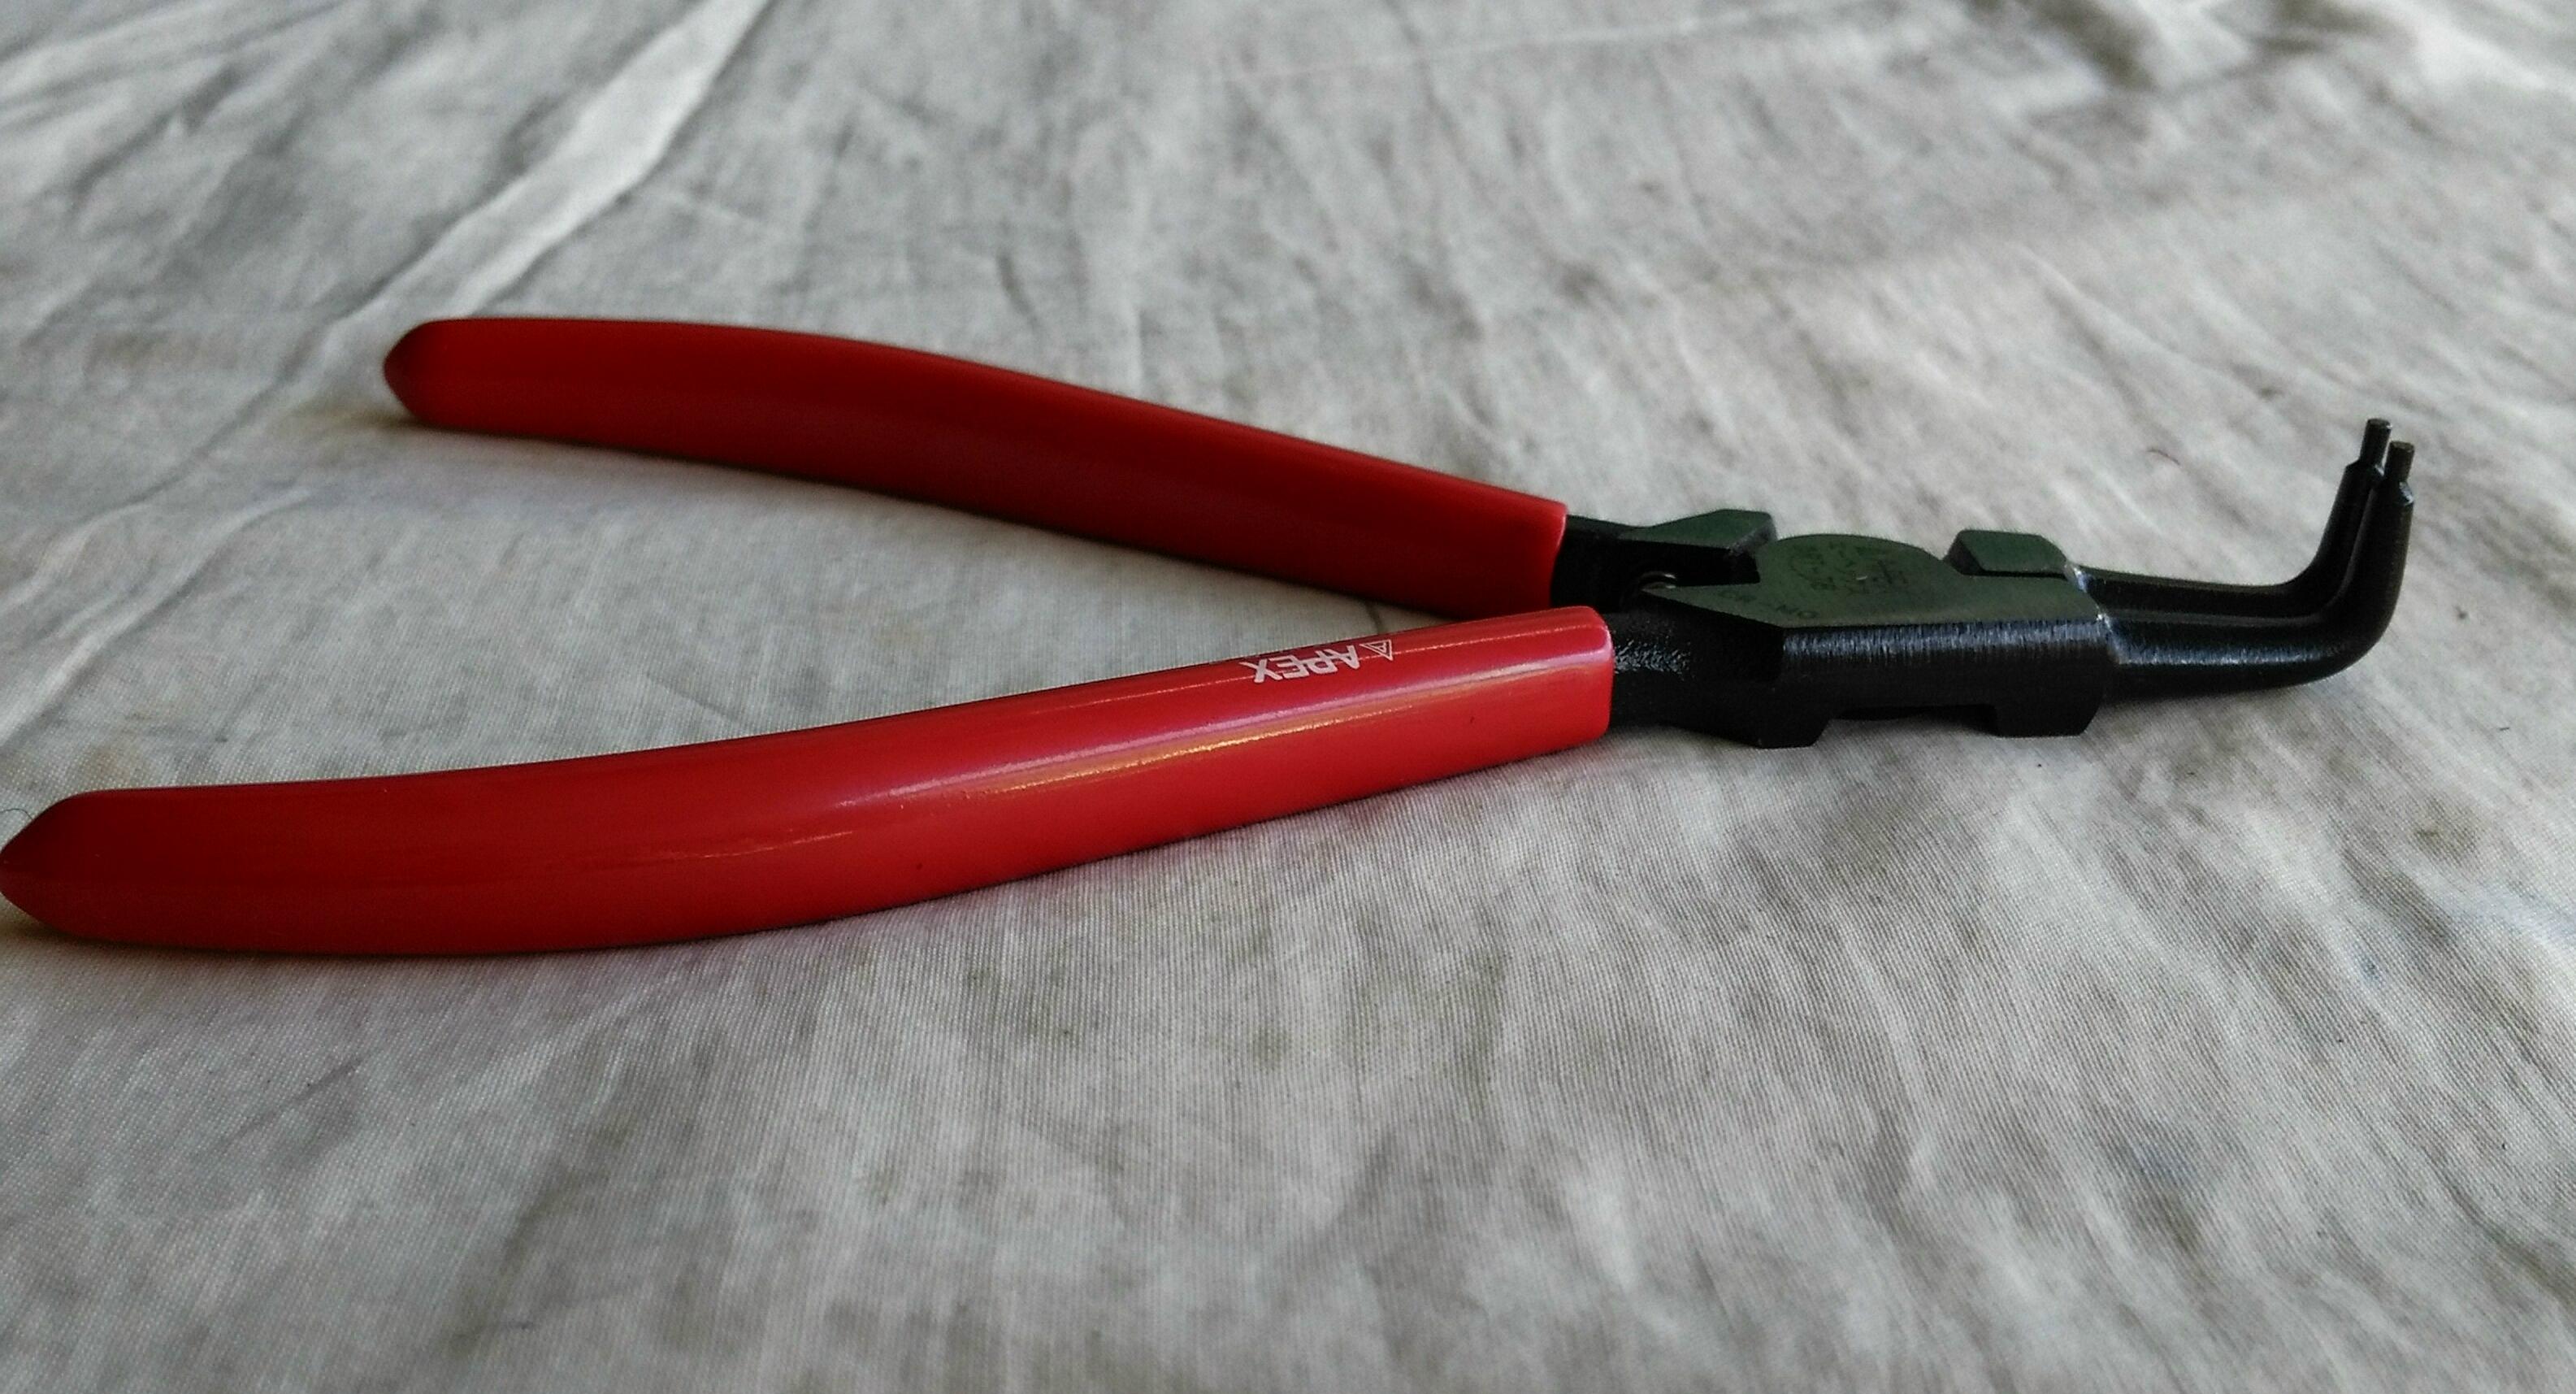 คีมถ่างแหวนปากงอ APEX 7 นิ้ว DRT-7B